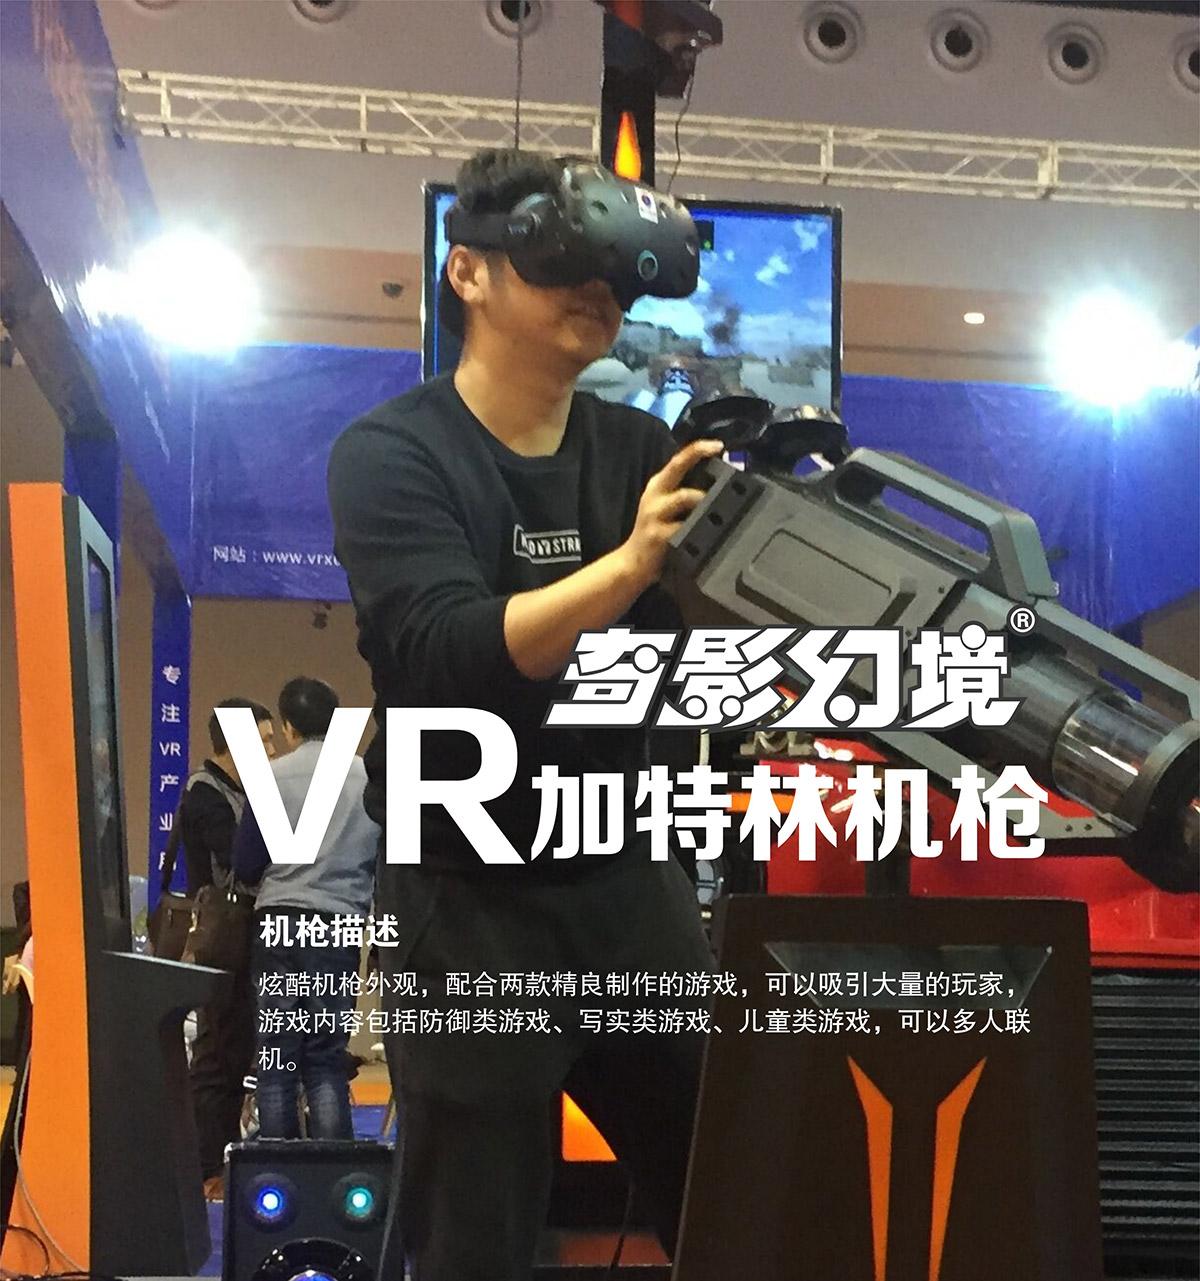 安全体验VR加特林机枪.jpg